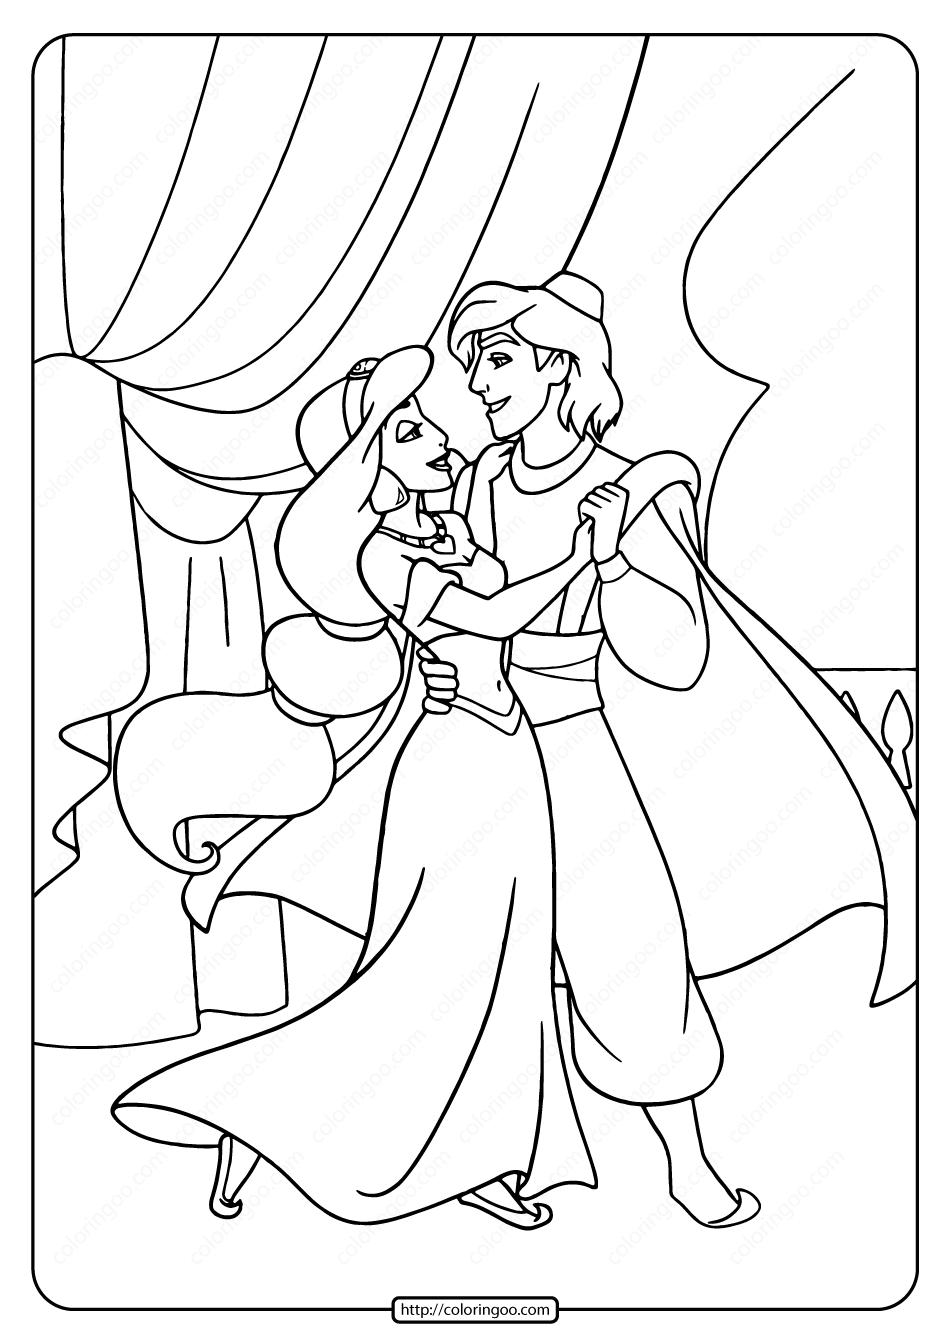 Printable Aladdin and Jasmine Dancing Coloring Page